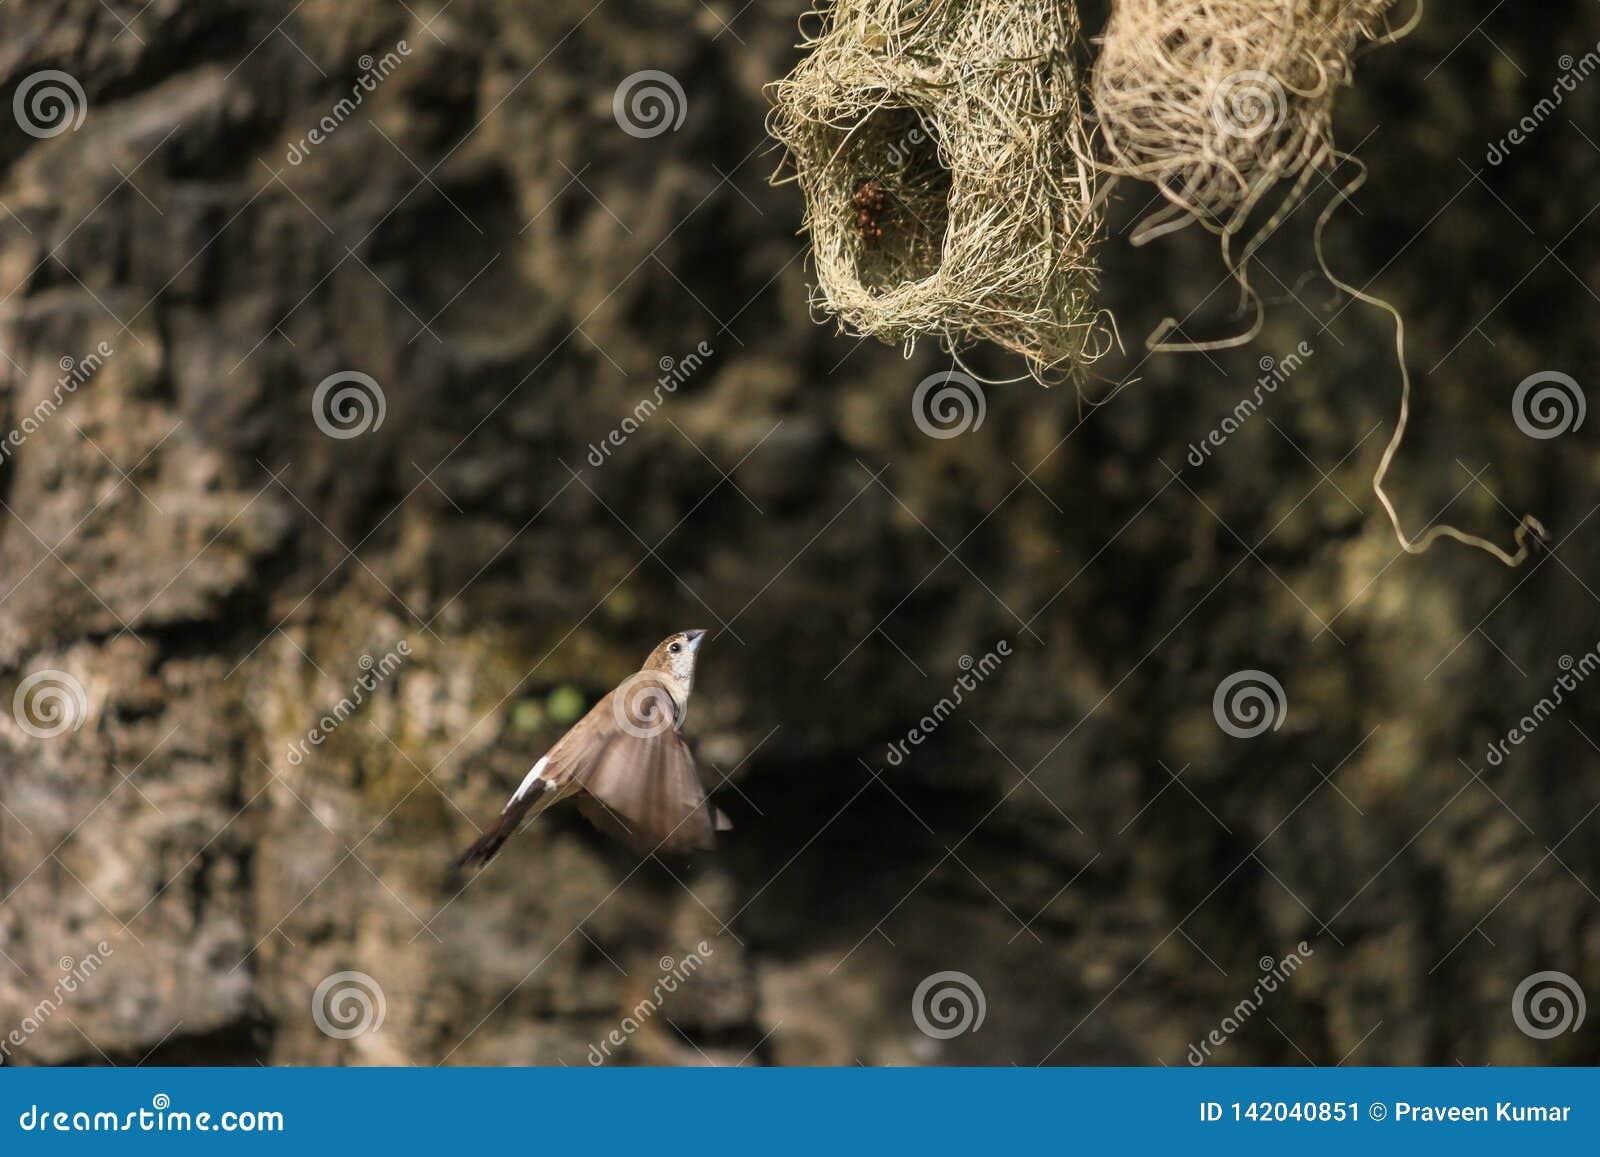 Ткач Baya, женская небольшая птица летая назад к своему гнезду для того чтобы кормить свои цыпленоки